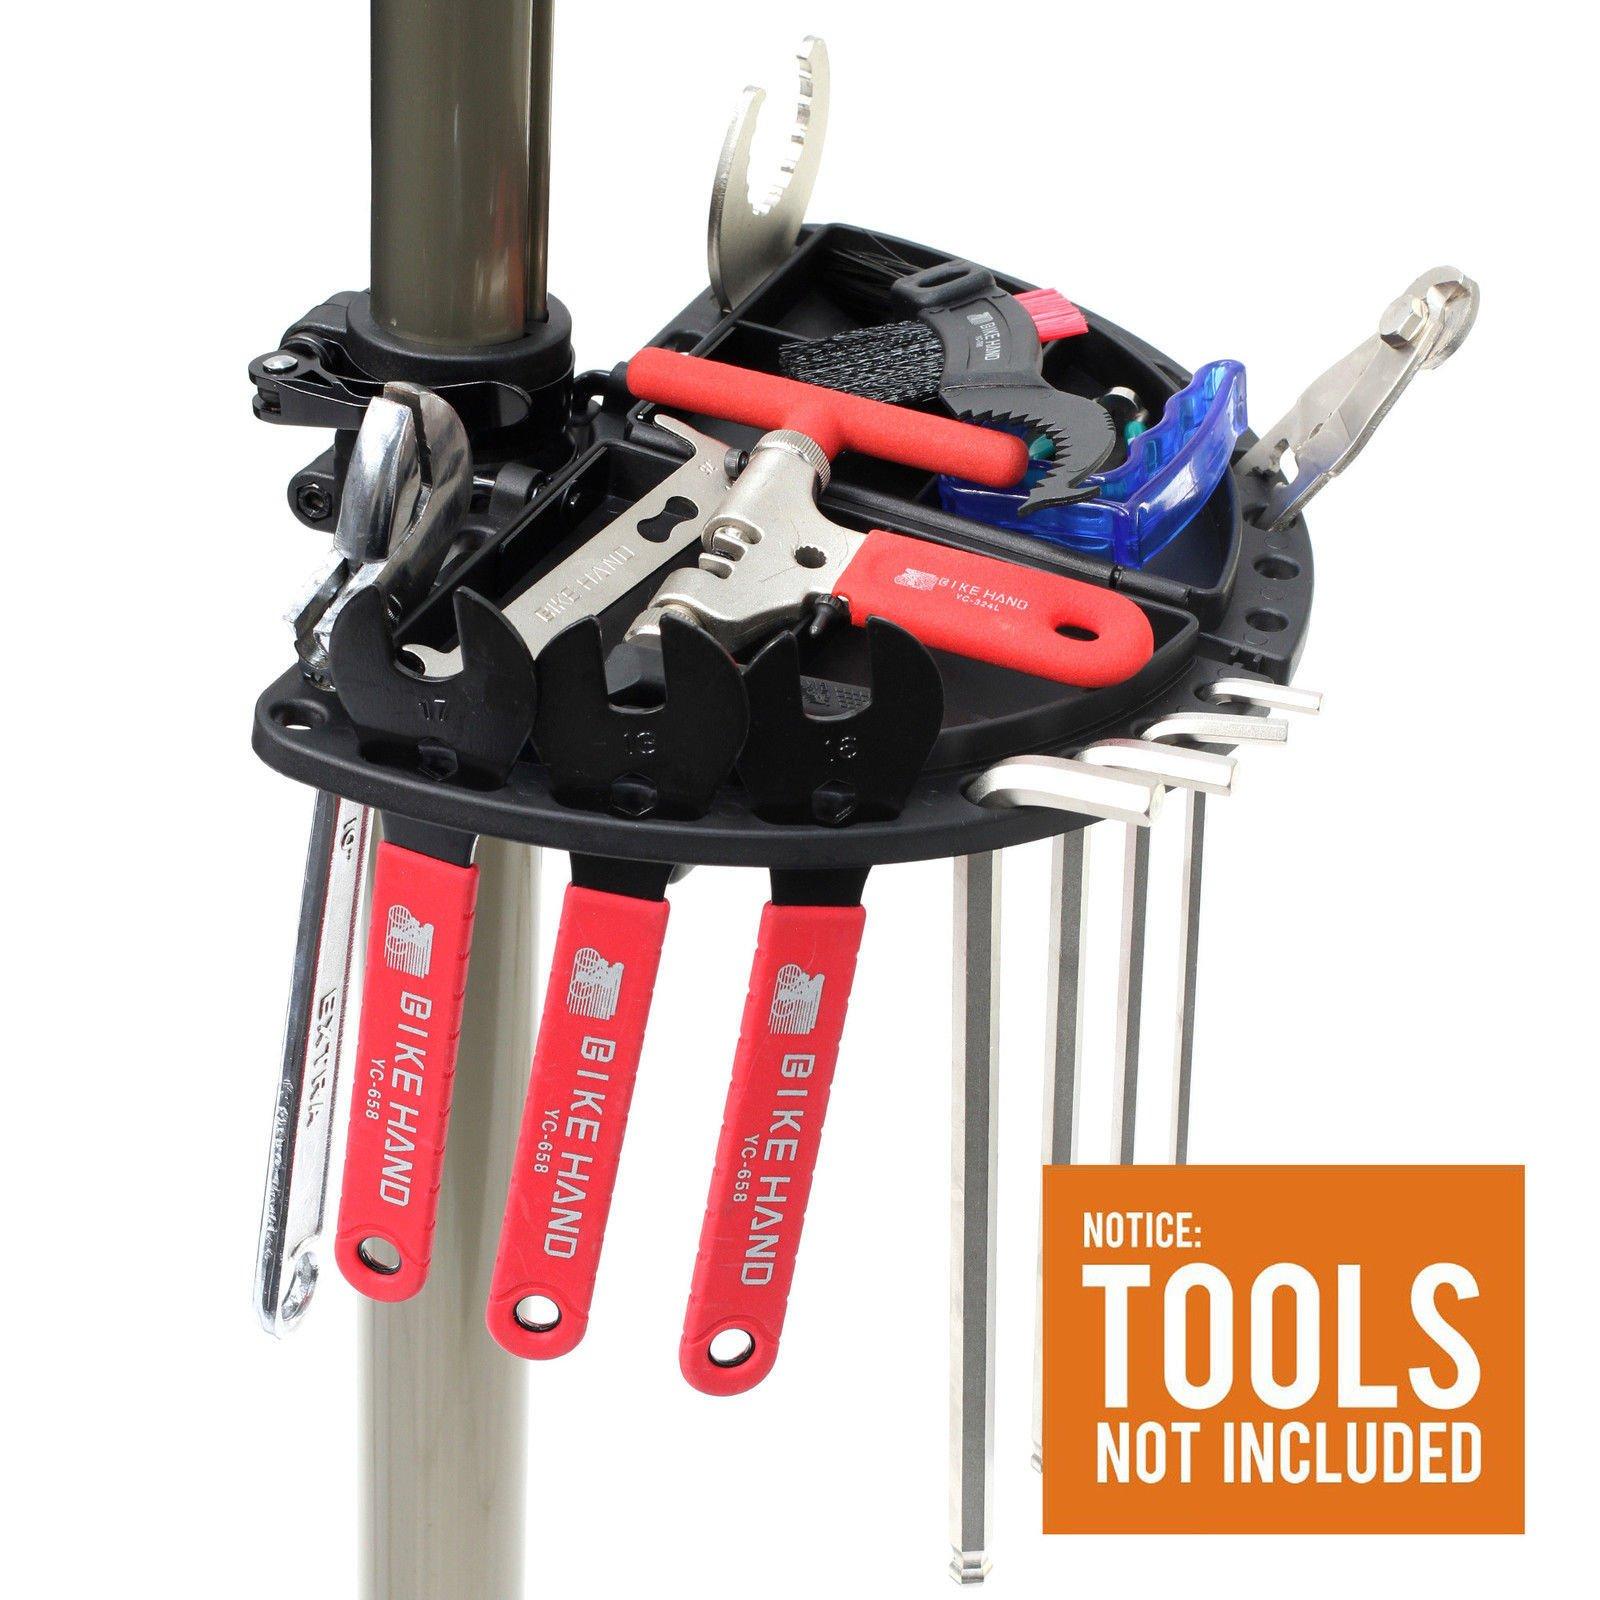 Bikehand Pro Mechanic Bicycle/Bike Repair Rack Stand by Bikehand (Image #5)